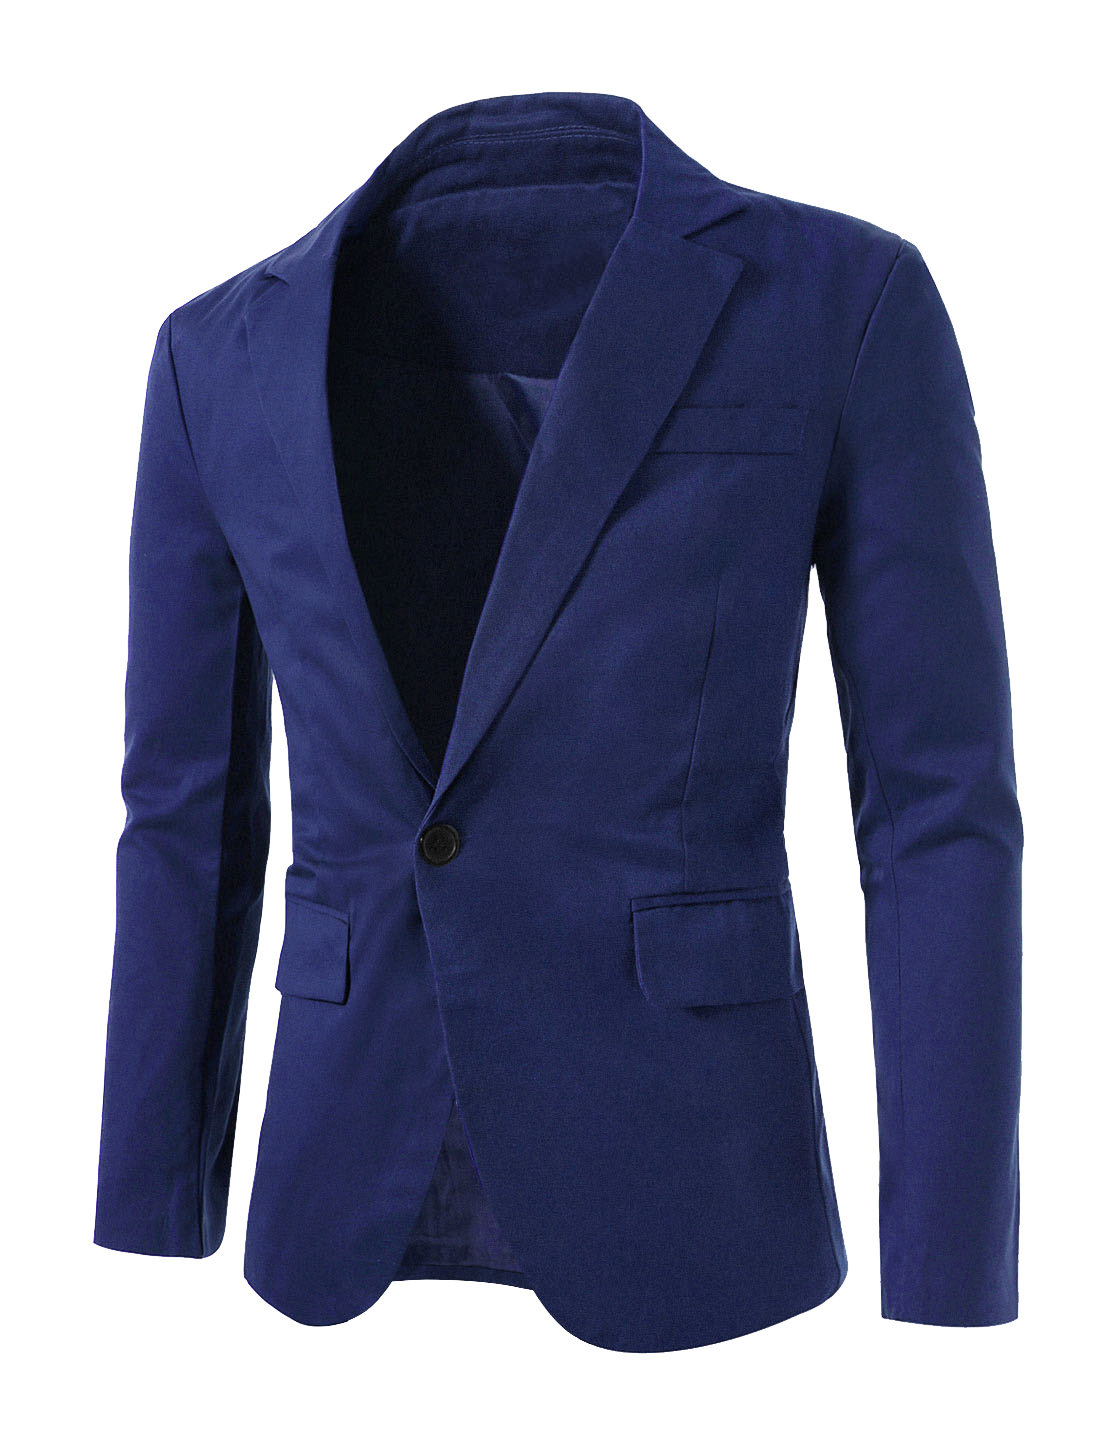 Mens Blue Long Sleeves Single Chest Pocket Fashional Blazer M